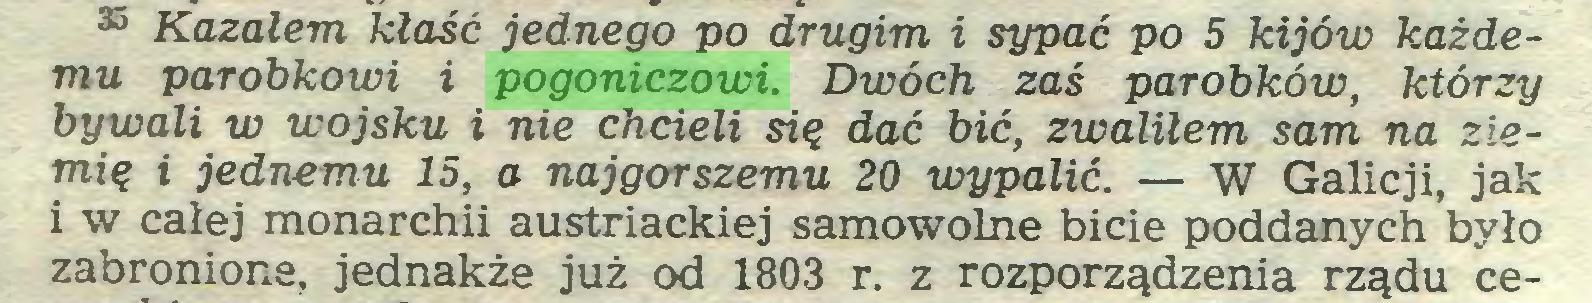 (...) 35 Kazałem kłaść jednego po drugim i sypać po 5 kijów każdemu parobkowi i pogoniczowi. Dwóch zaś parobków, którzy bywali w wojsku i nie chcieli się dać bić, zwaliłem sam na ziemię i jednemu 15, a najgorszemu 20 wypalić. — W Galicji, jak i w całej monarchii austriackiej samowolne bicie poddanych było zabronione, jednakże już od 1803 r. z rozporządzenia rządu ce...